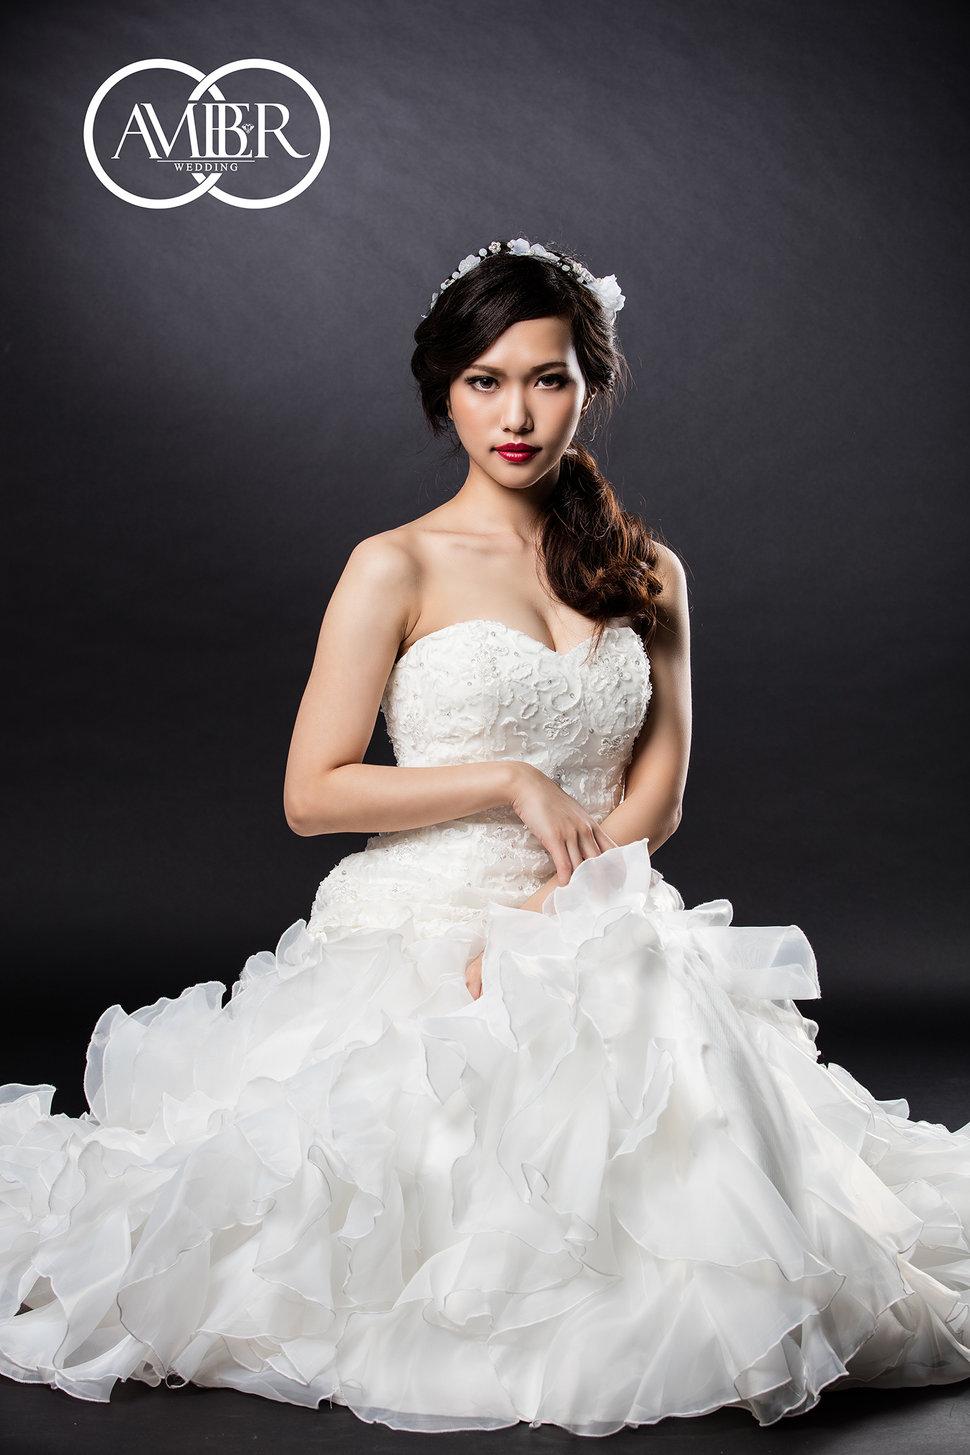 婚紗攝影(編號:121806) - AMBER WEDDING - 結婚吧